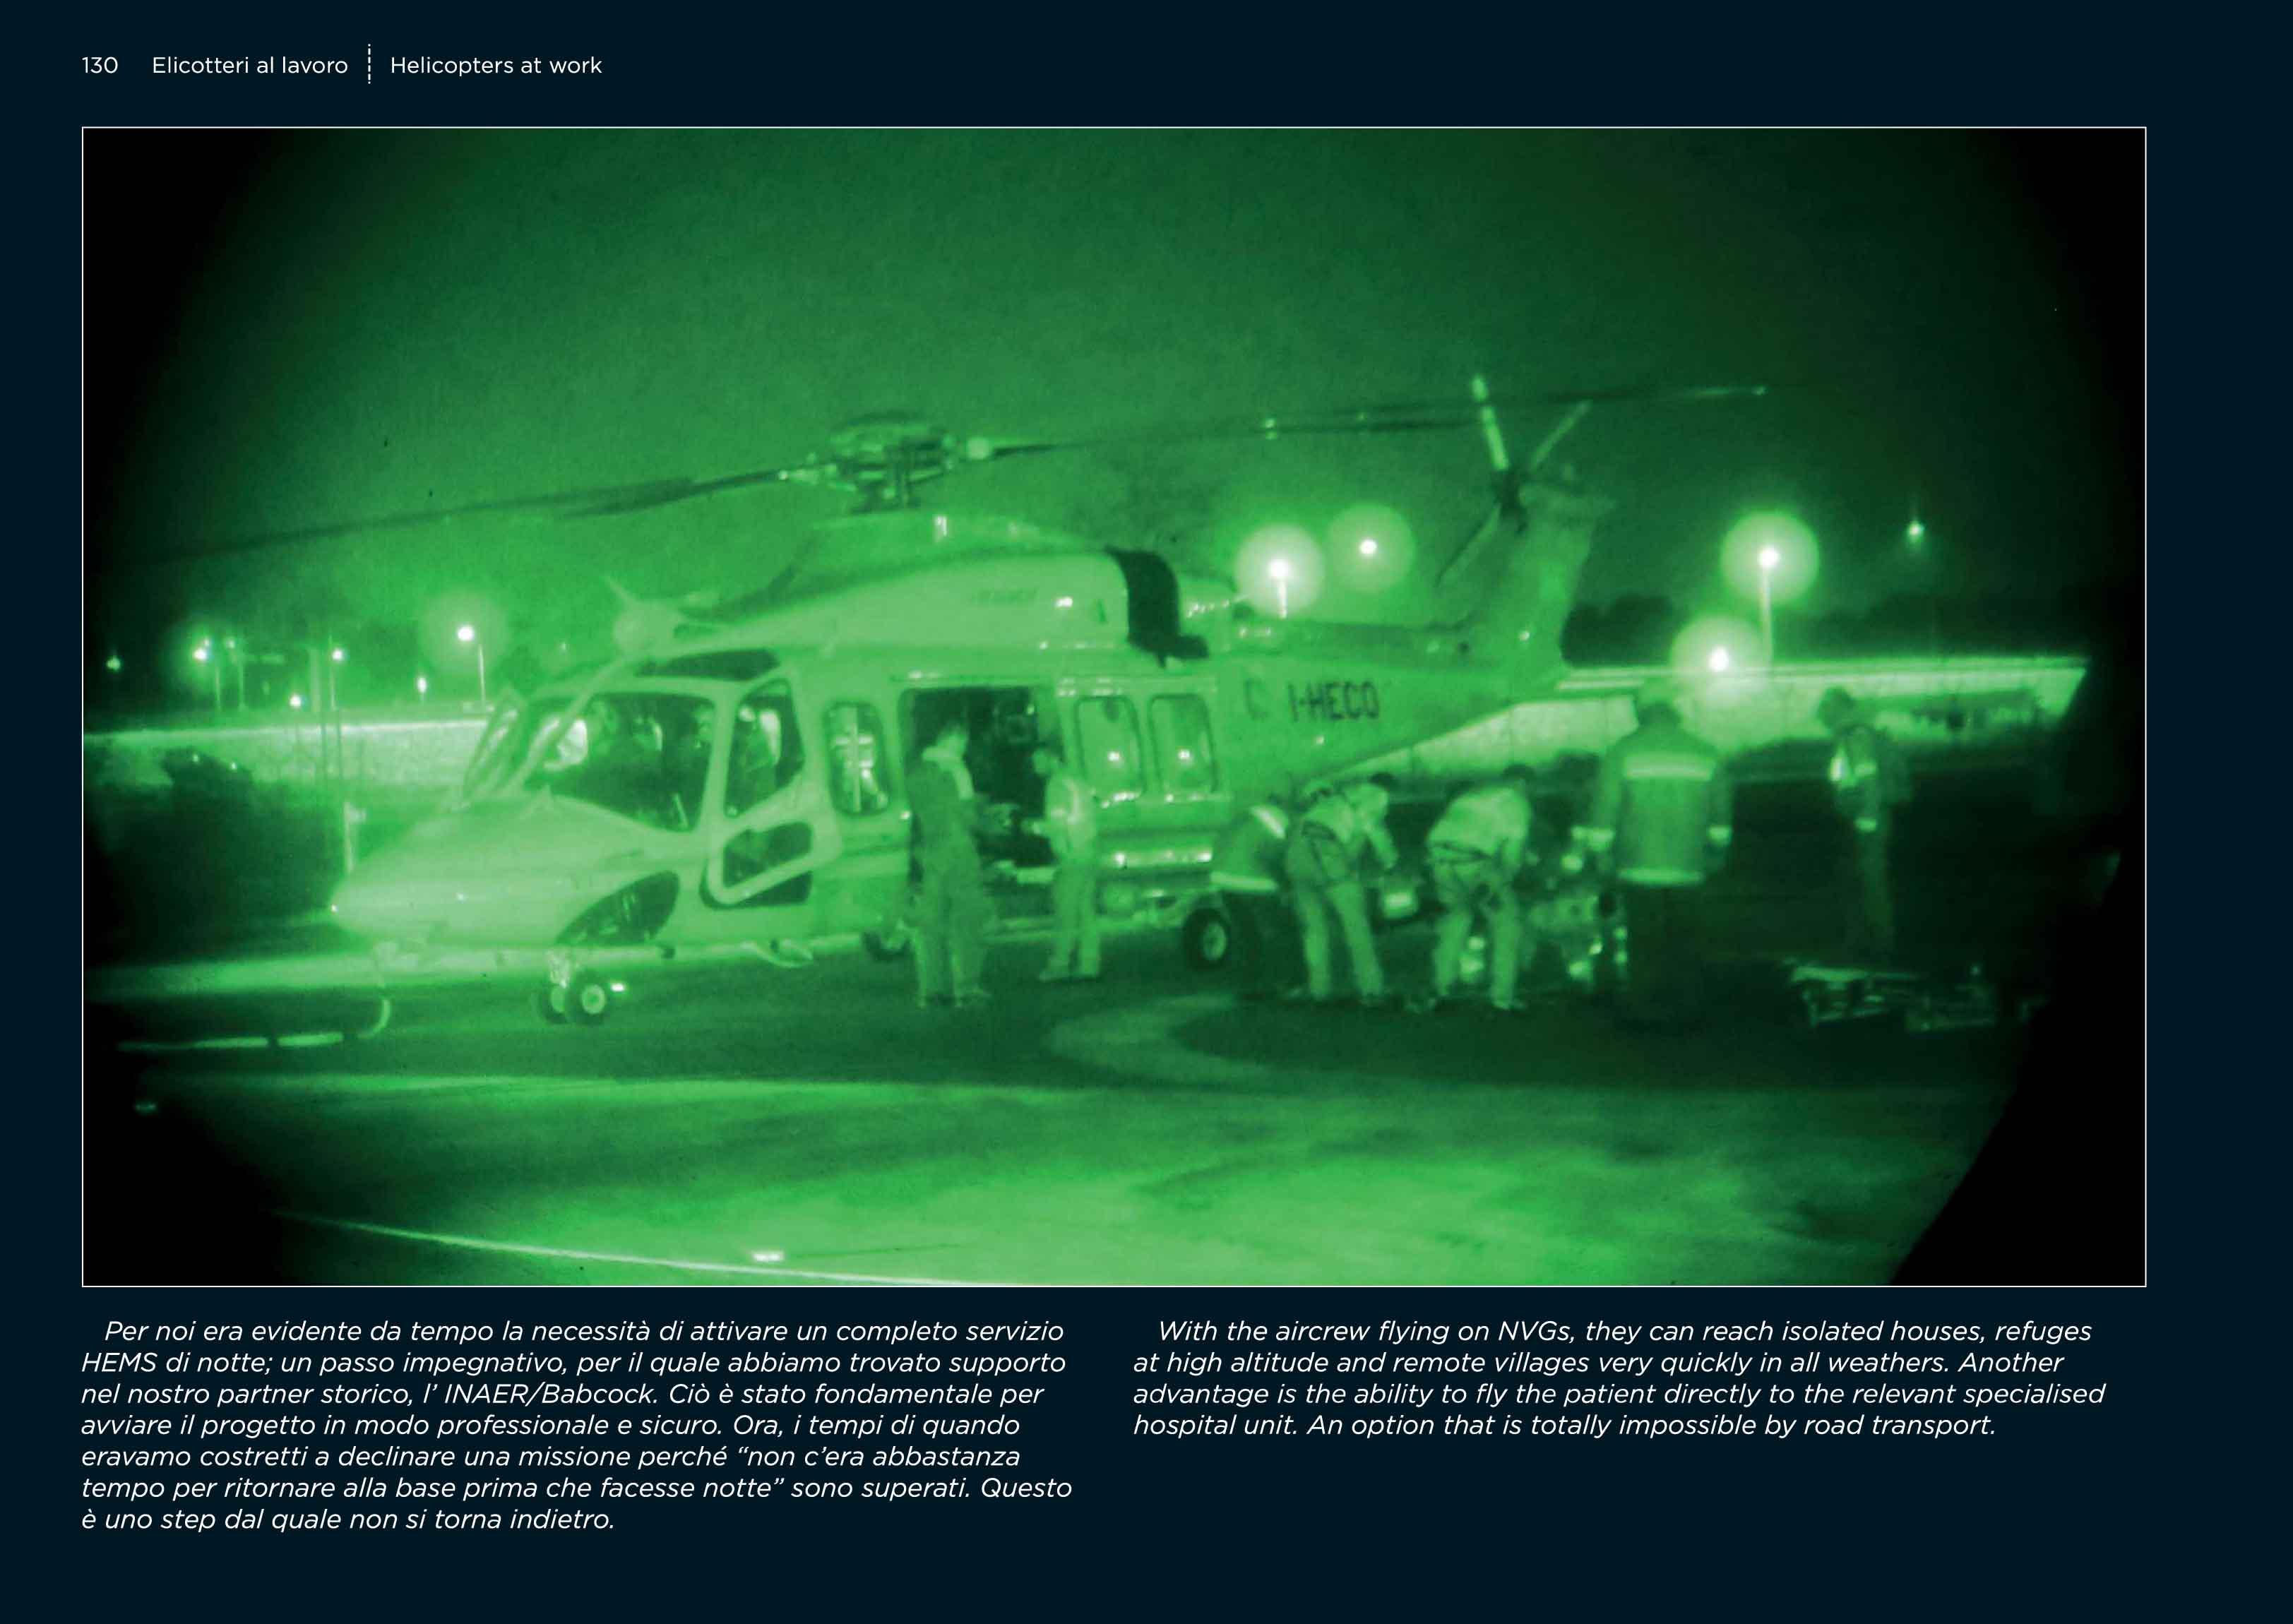 Soccorso ed elicotteri, intervista al fotoreporter Dino Marcellino | Emergency Live 14